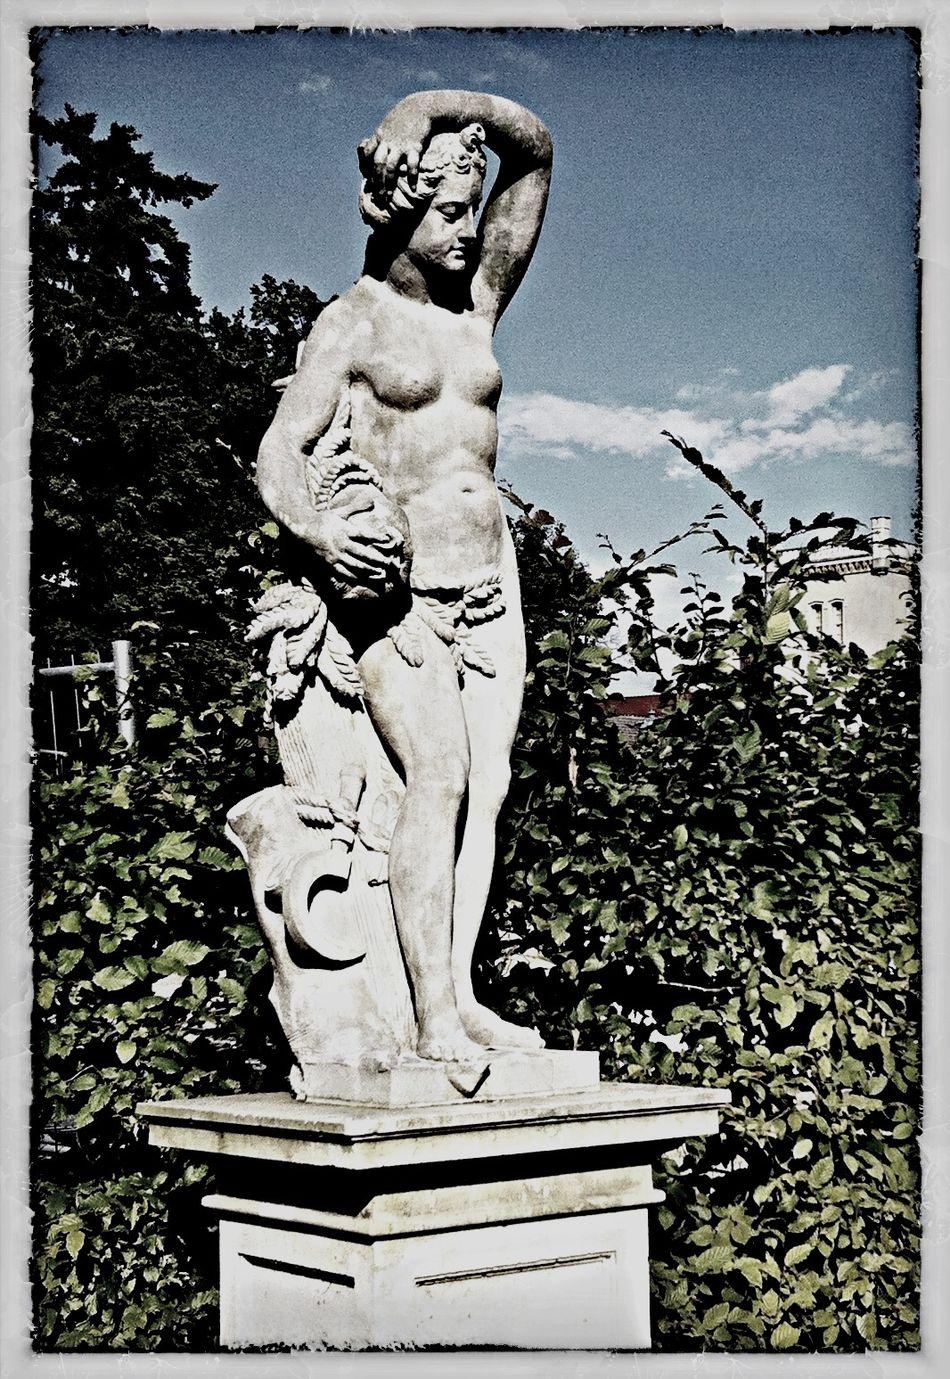 Parkweg Skulptur Schlosspark Black & White